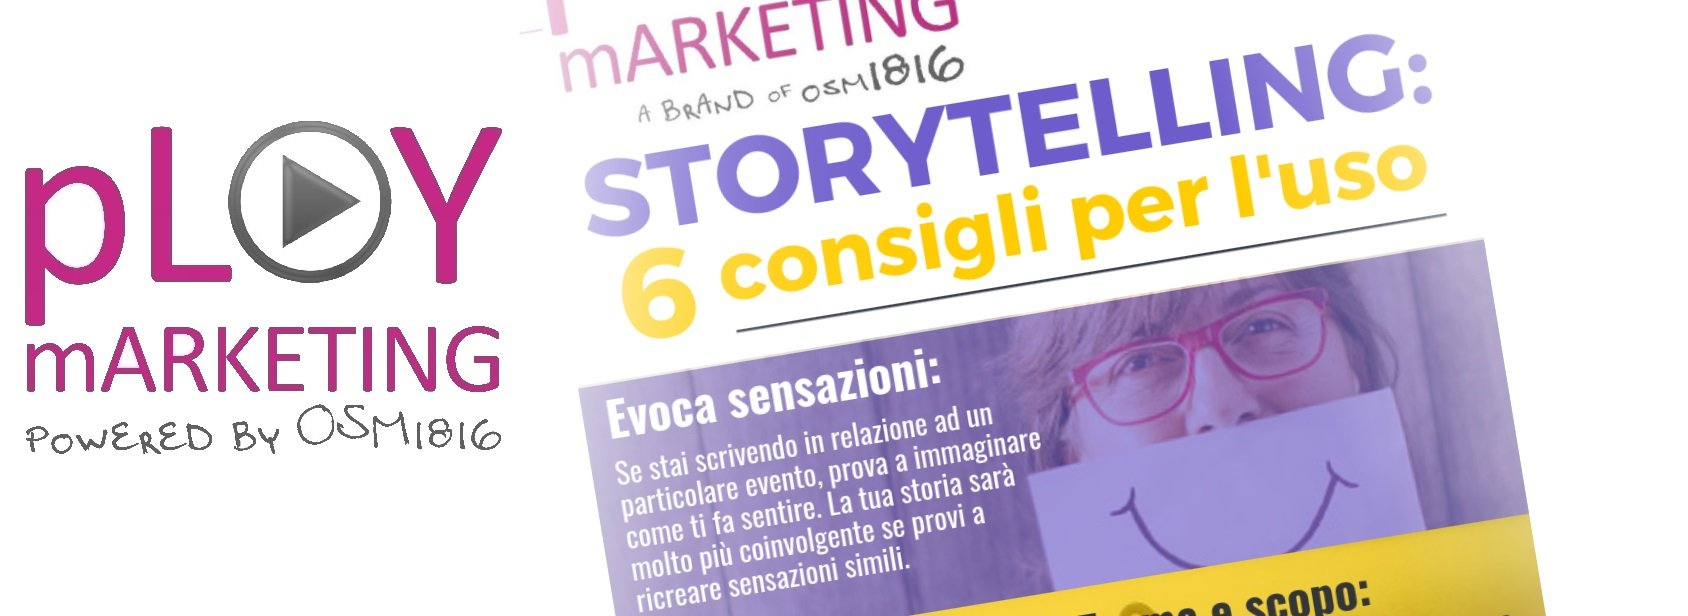 Infografica: Storytelling: 6 consigli per raccontare la tua storia